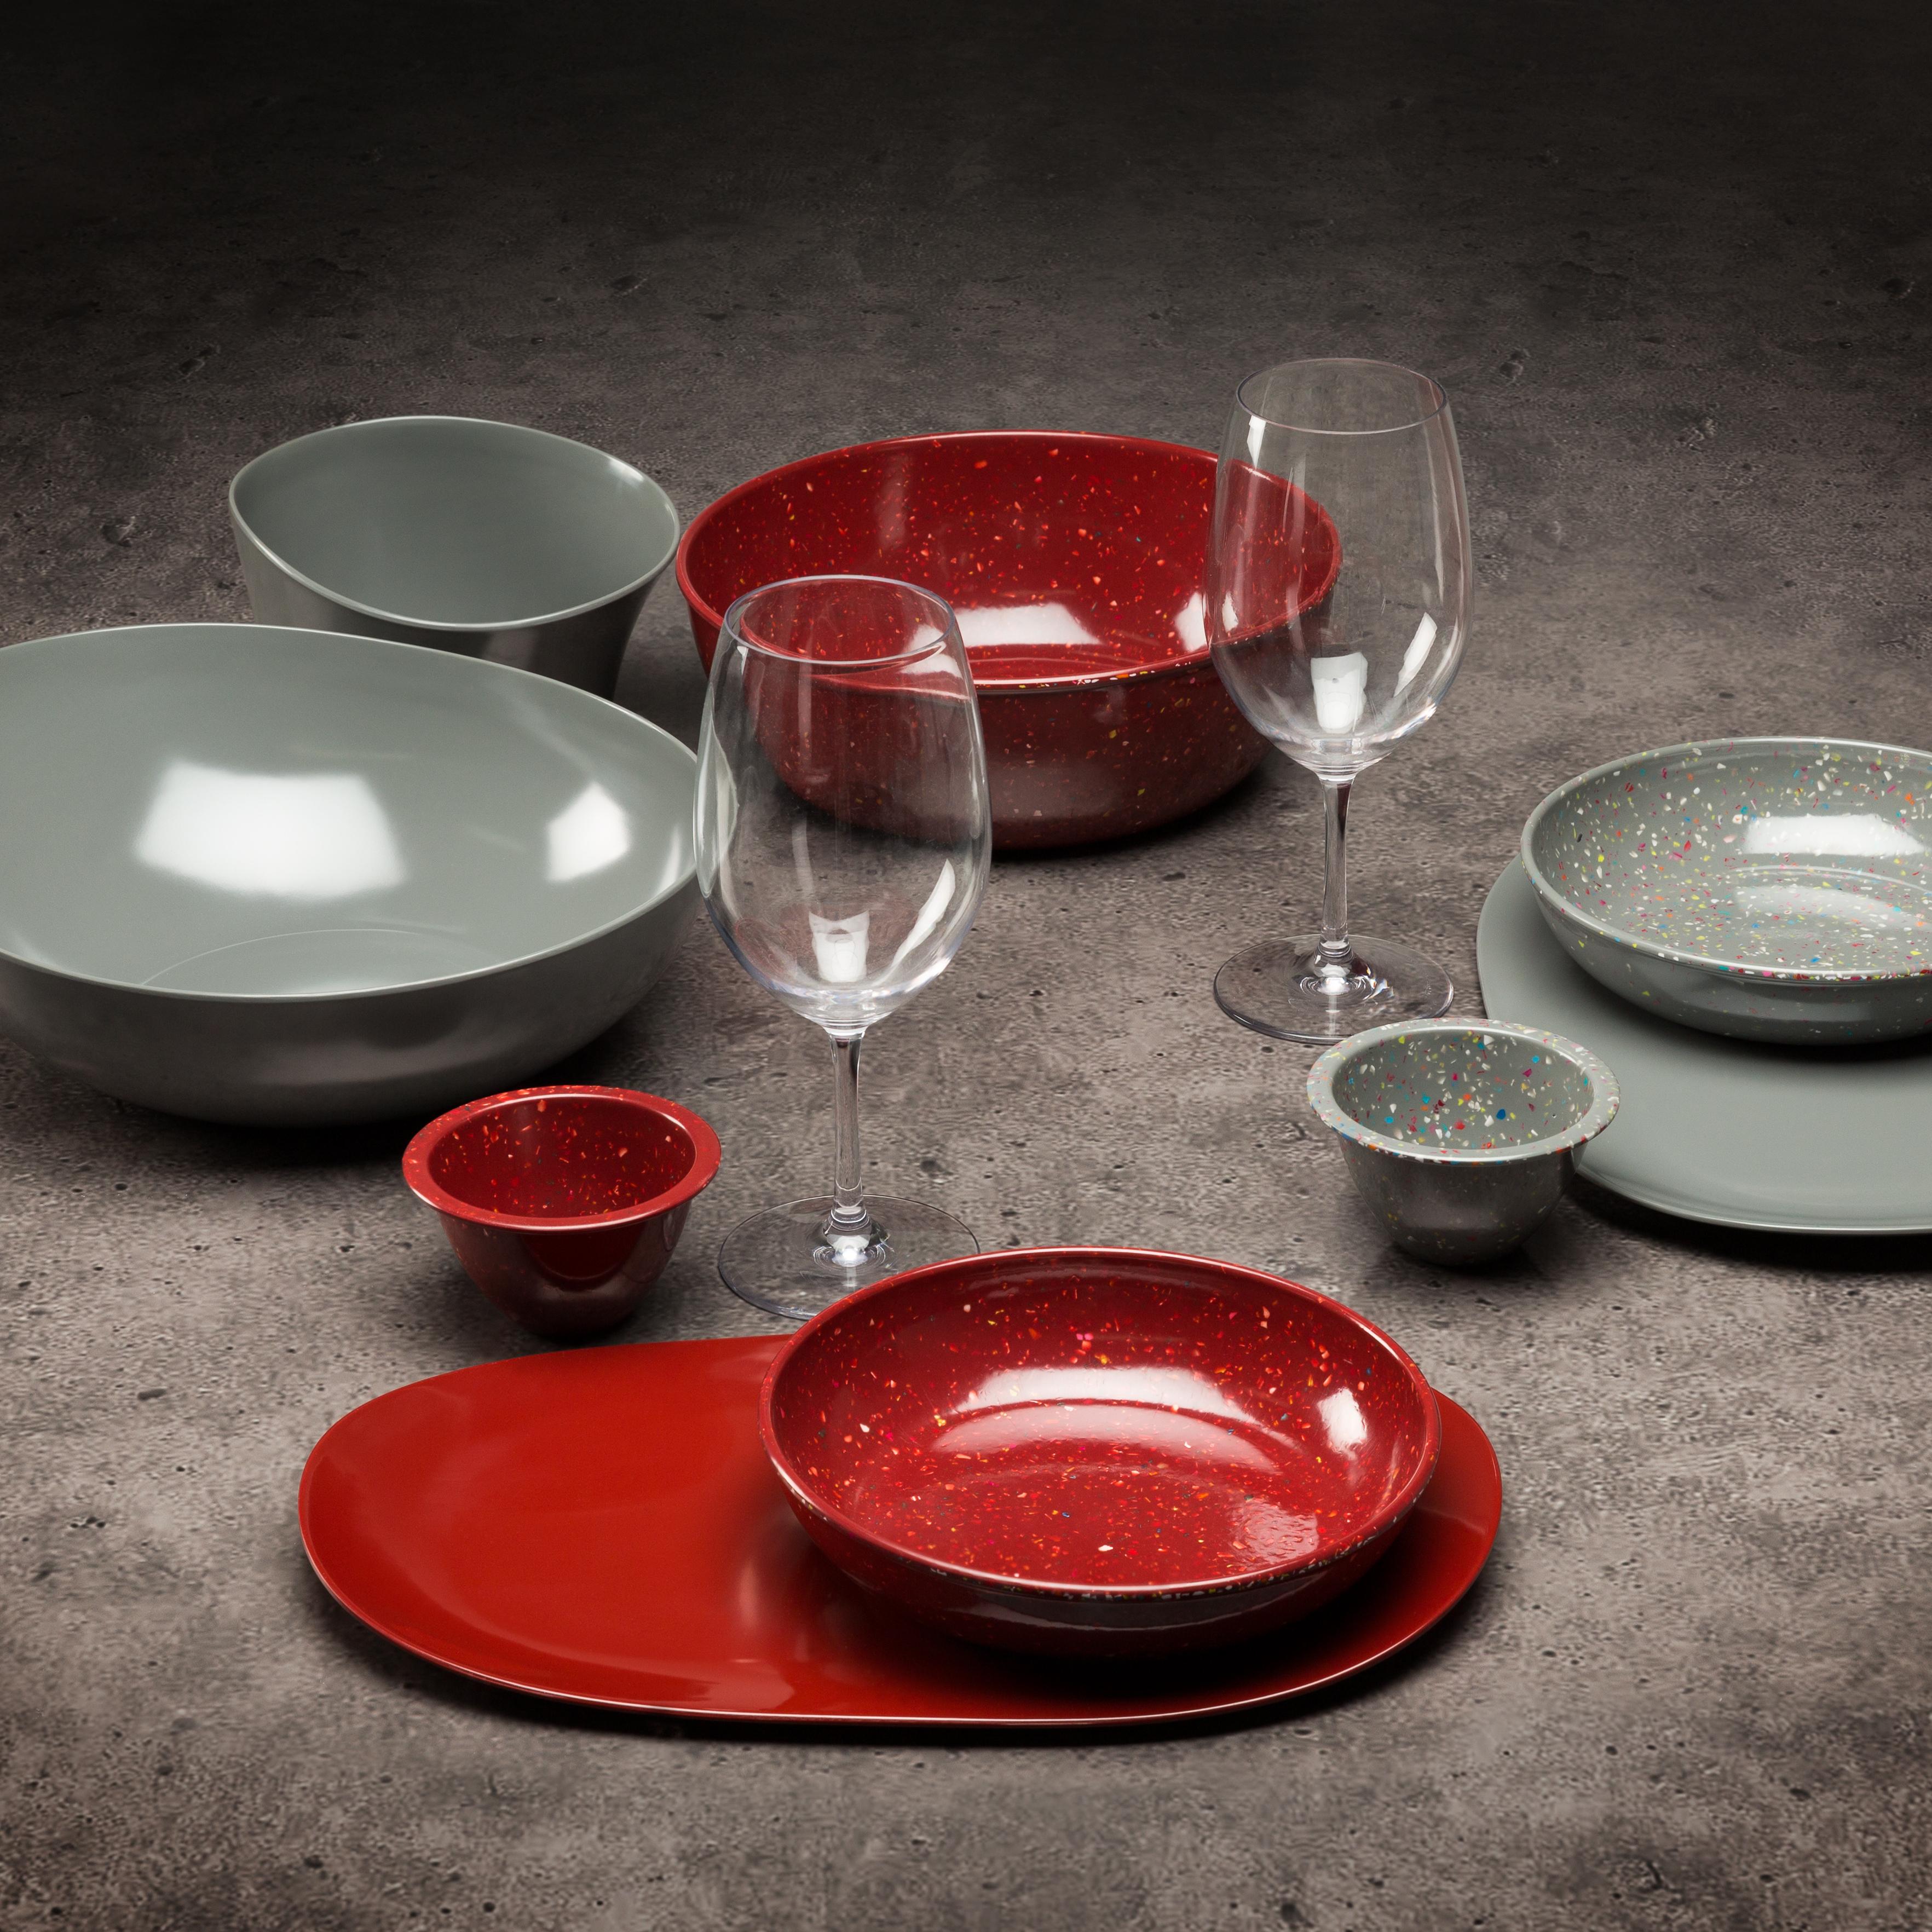 Moso Dishwasher-Safe Bamboo Bowl Set, Dover, 3-piece set